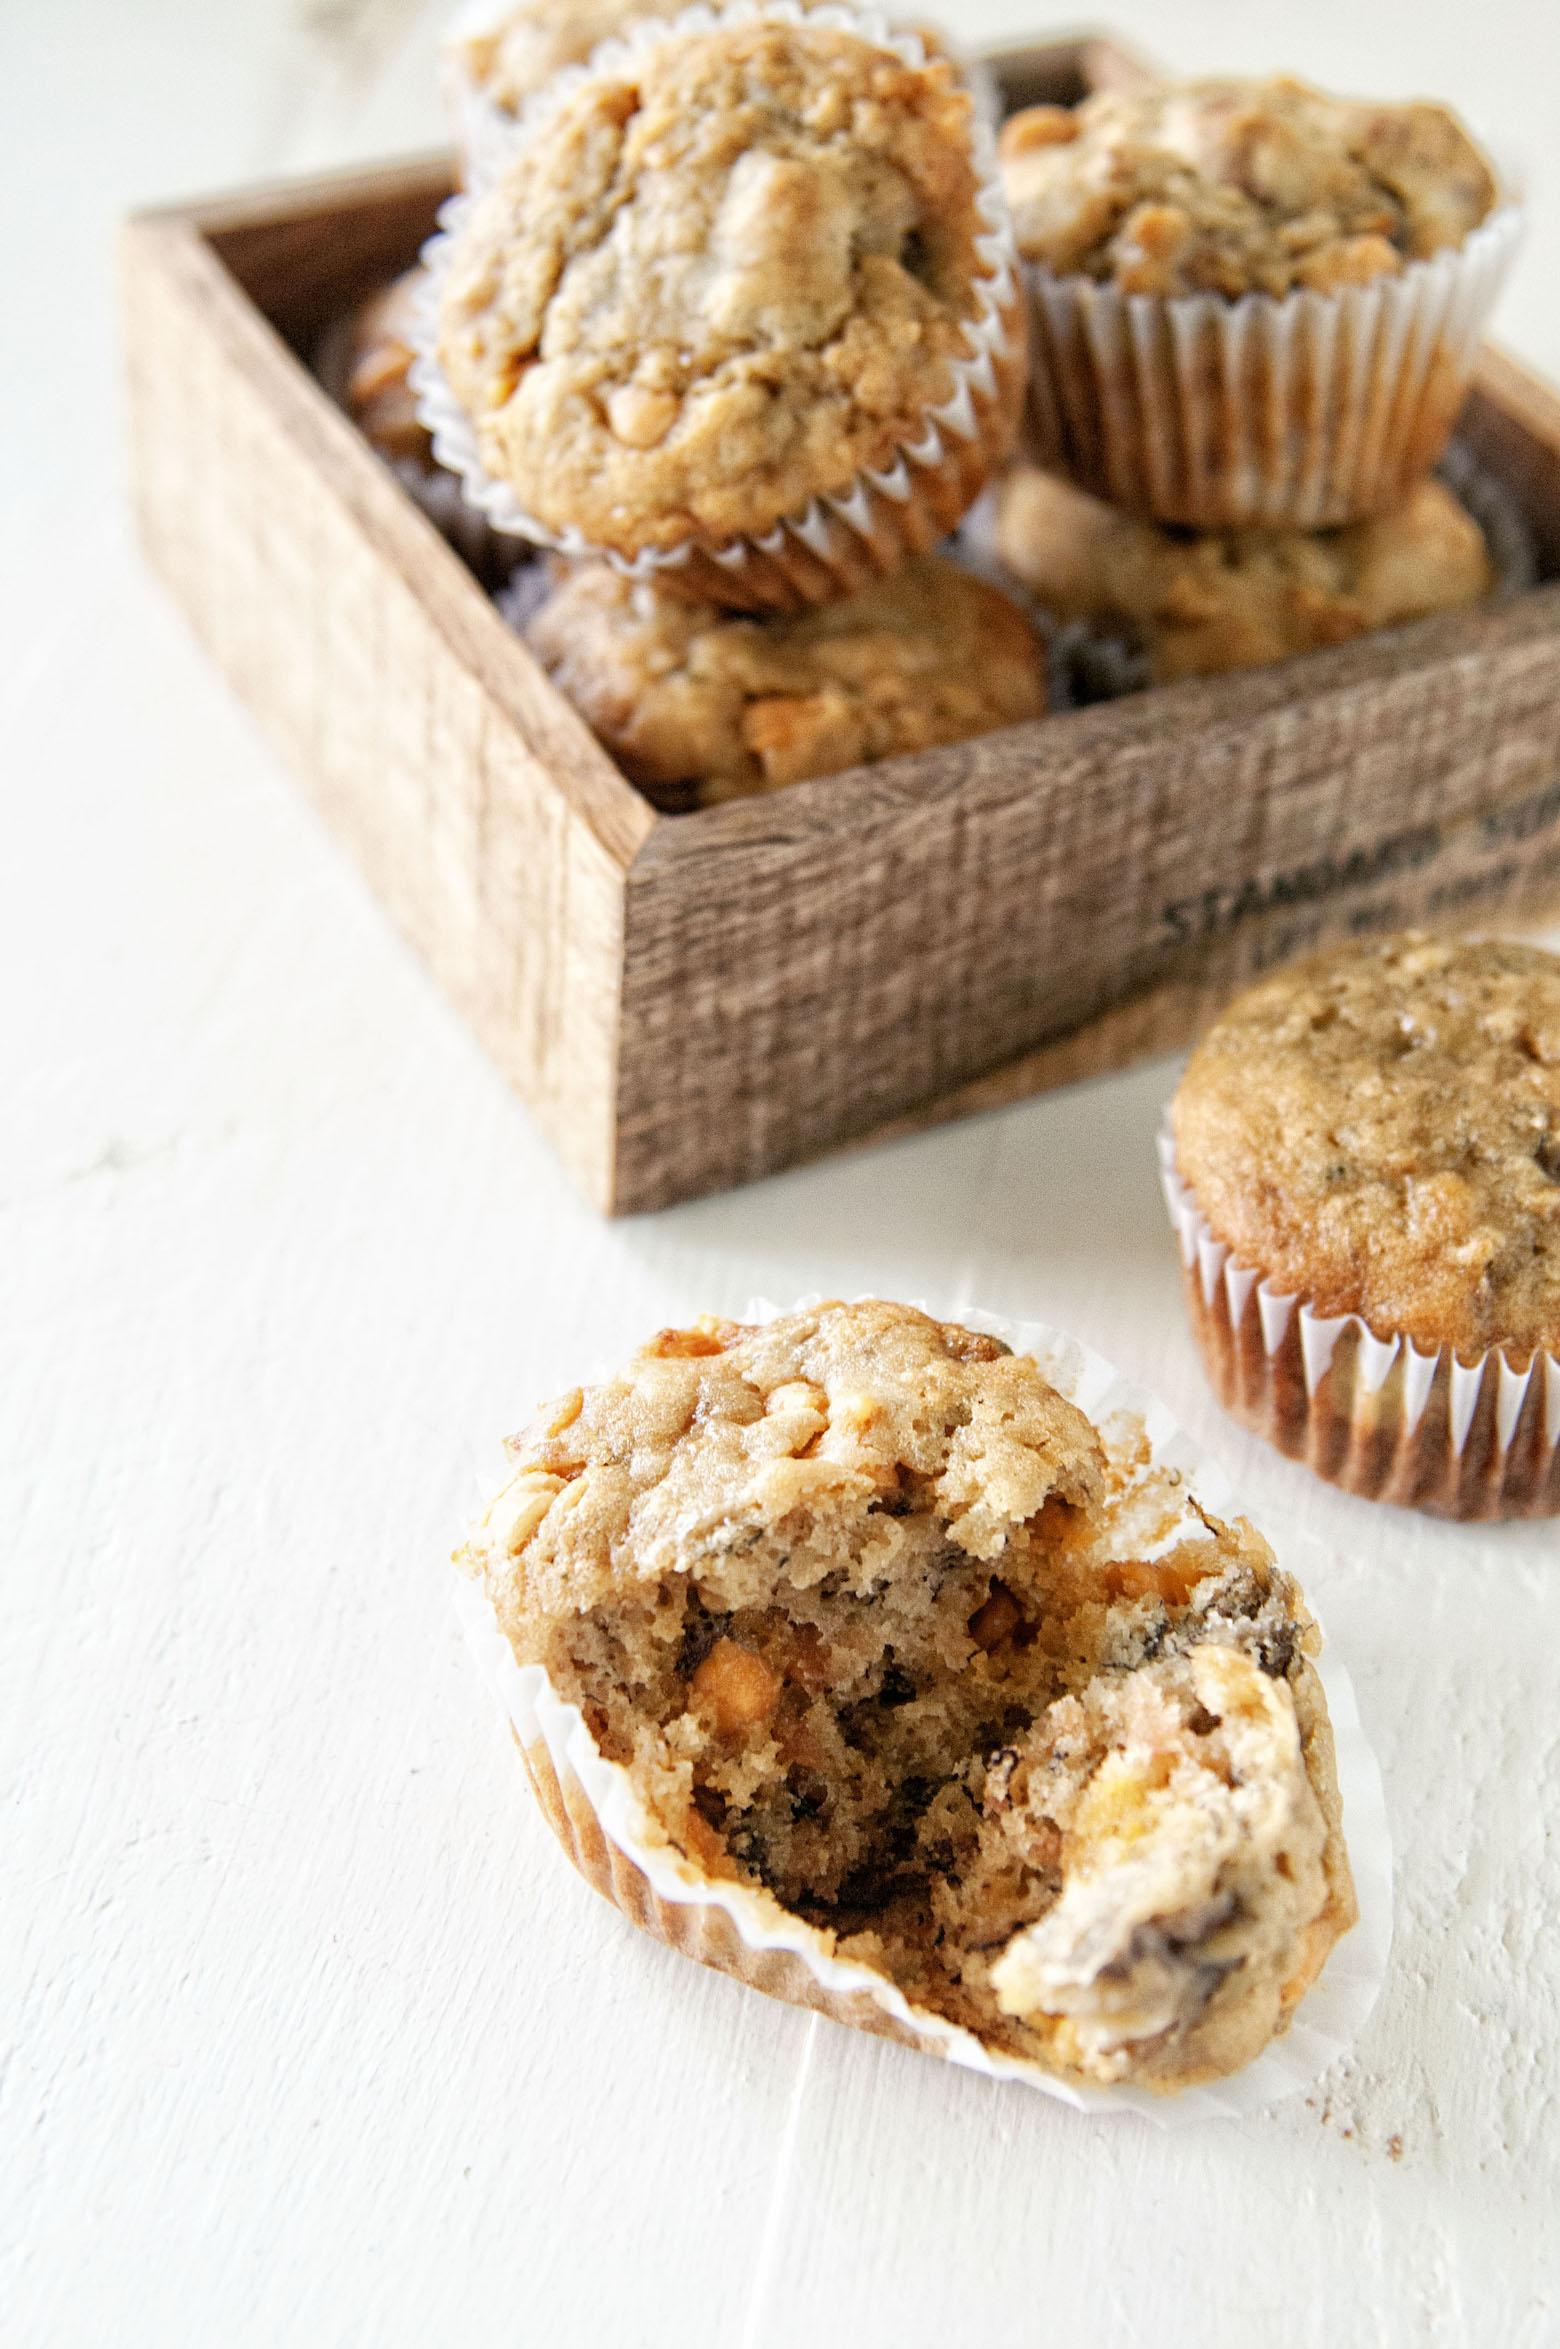 Banana Apple Butterscotch Pecan Muffins